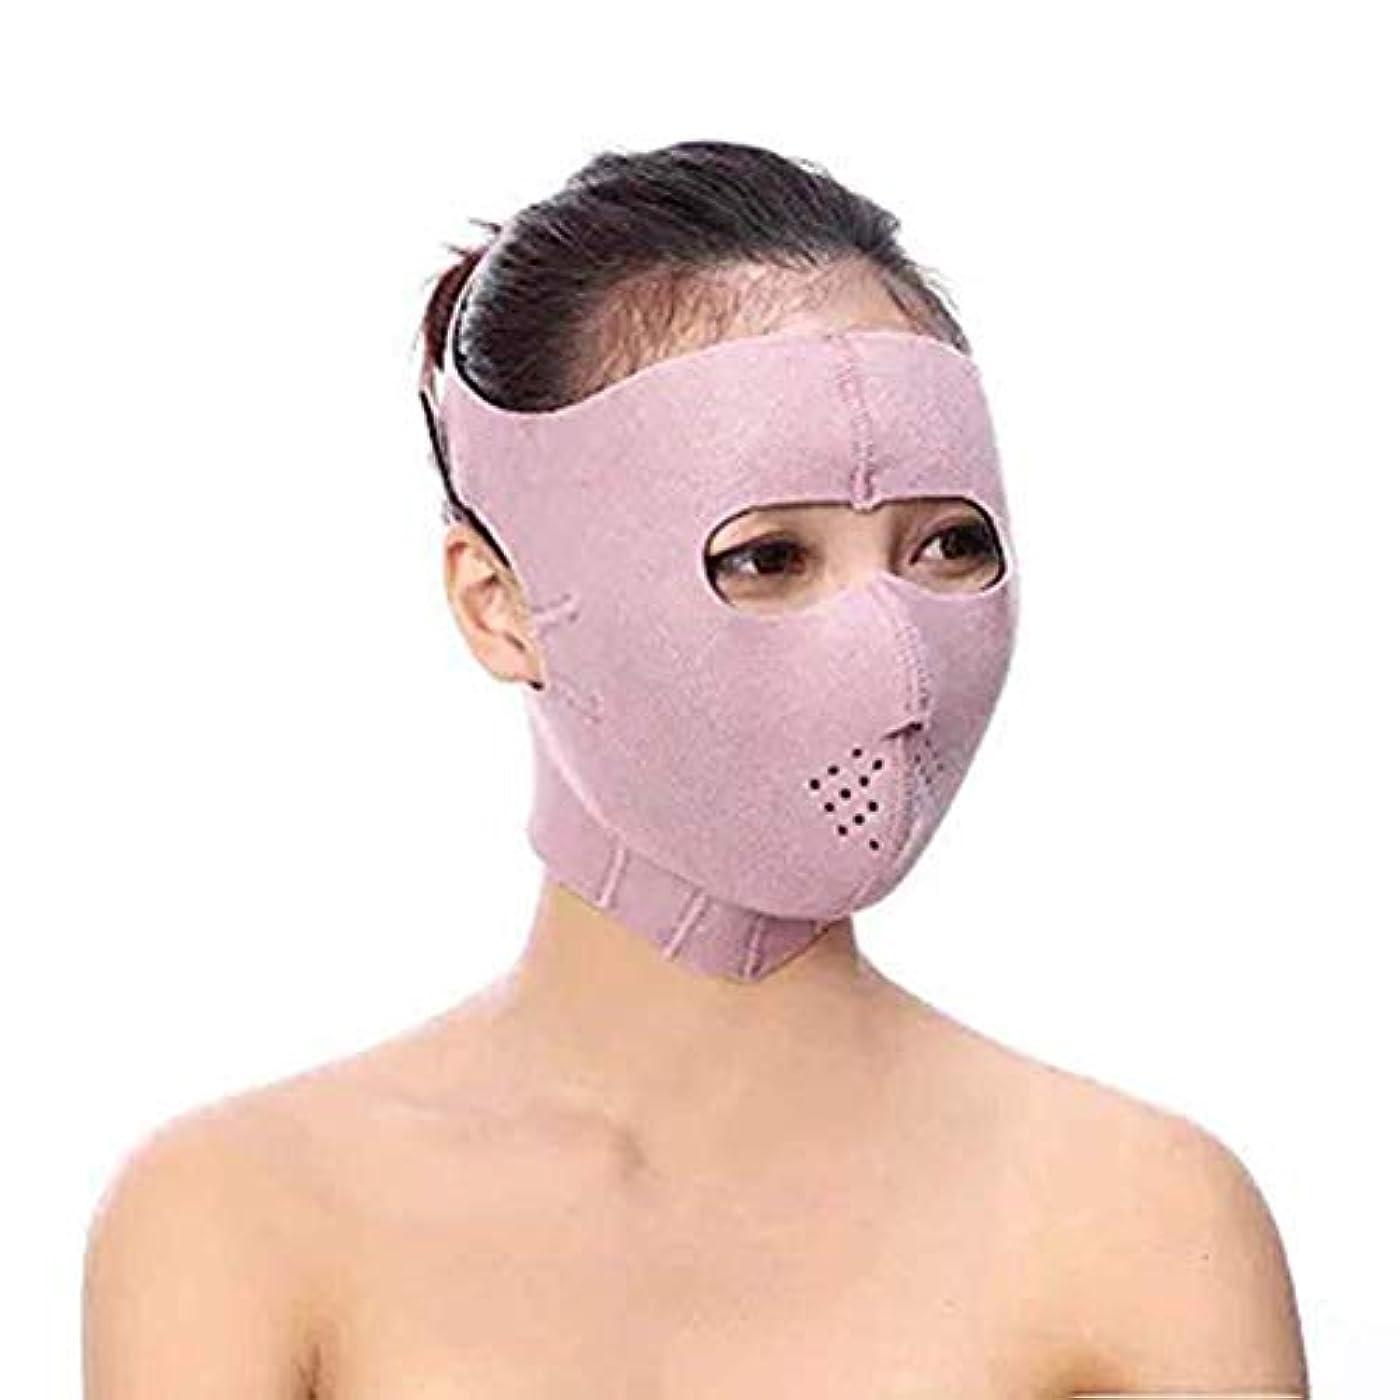 公使館スケートポテトHUYYA ファーミングストラップネック包帯リフティングフェイスリフティング包帯 V字ベルト補正ベルト ダブルチンヘルスケアスキンケアチン,Pink_Large